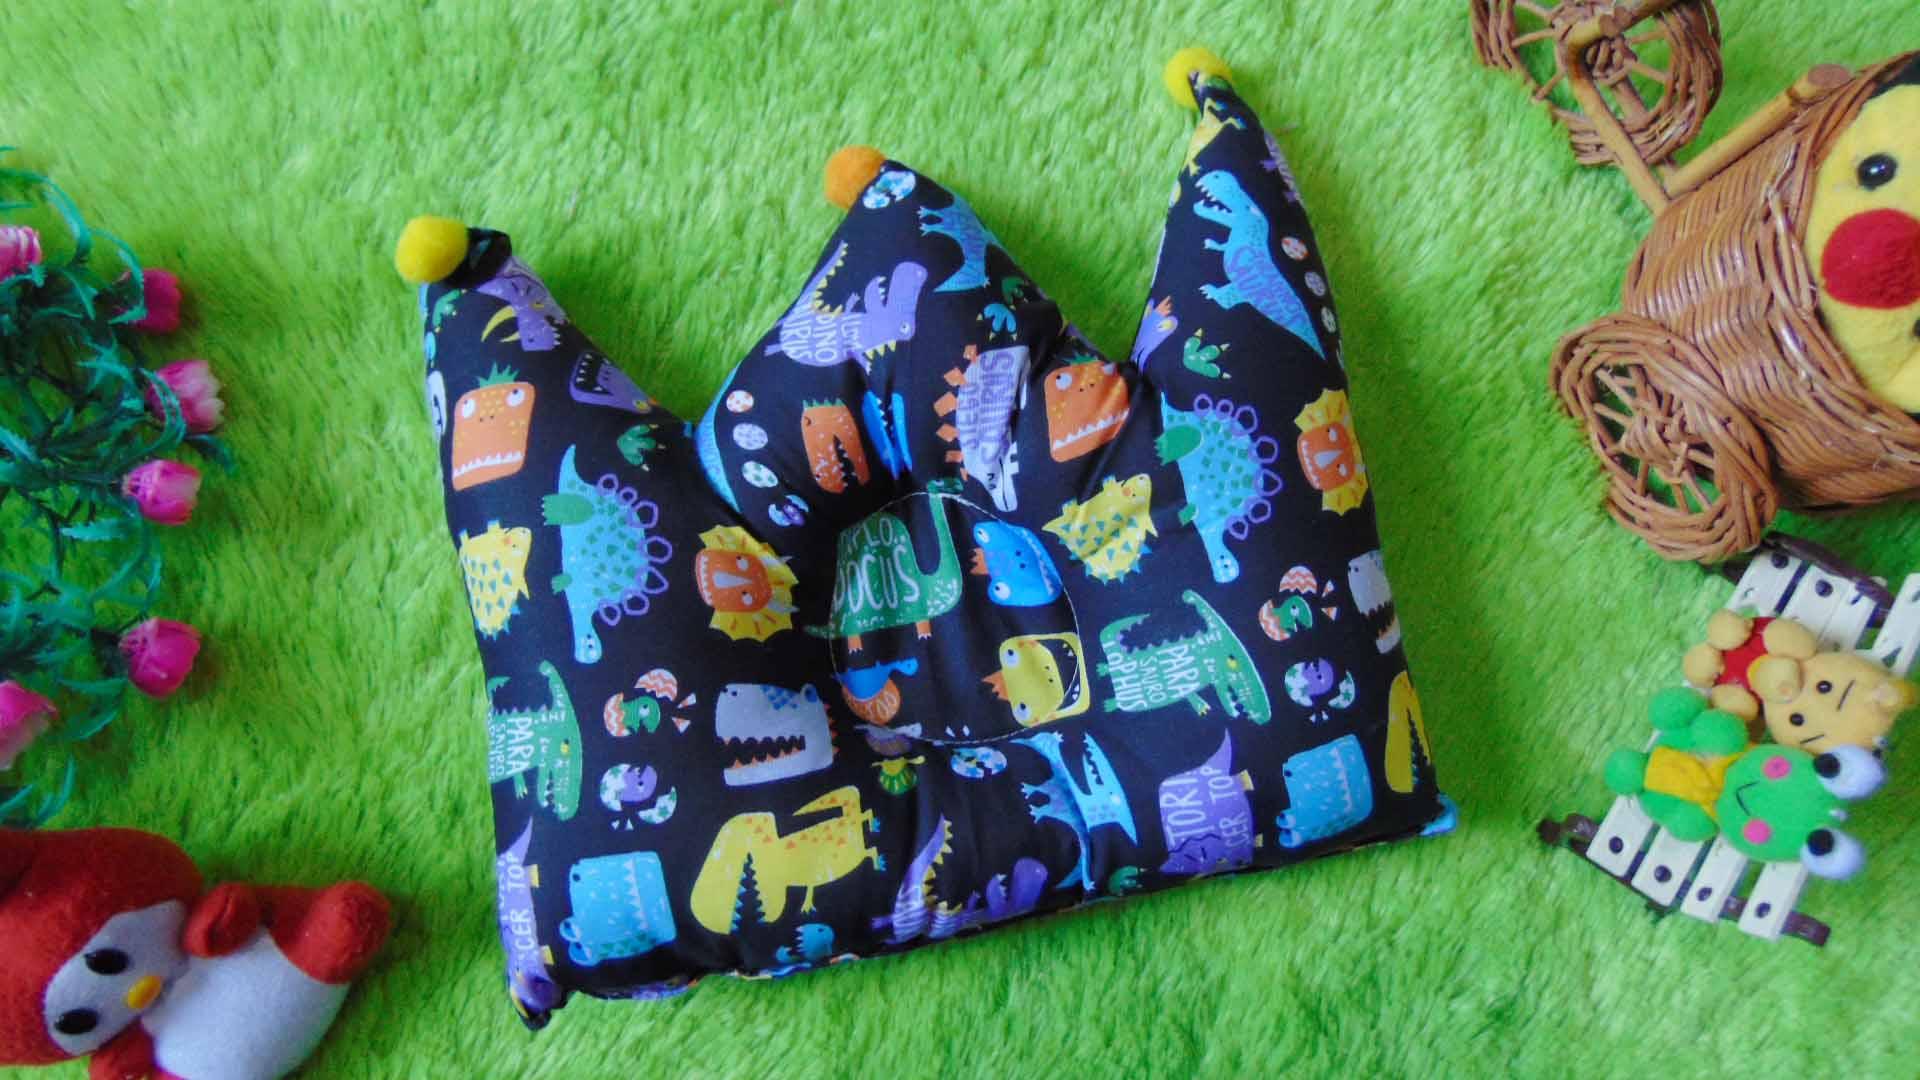 kado bayi Bantal mahkota crown pillow bantal peyang Peang bayi baby motif dinosaurus 37